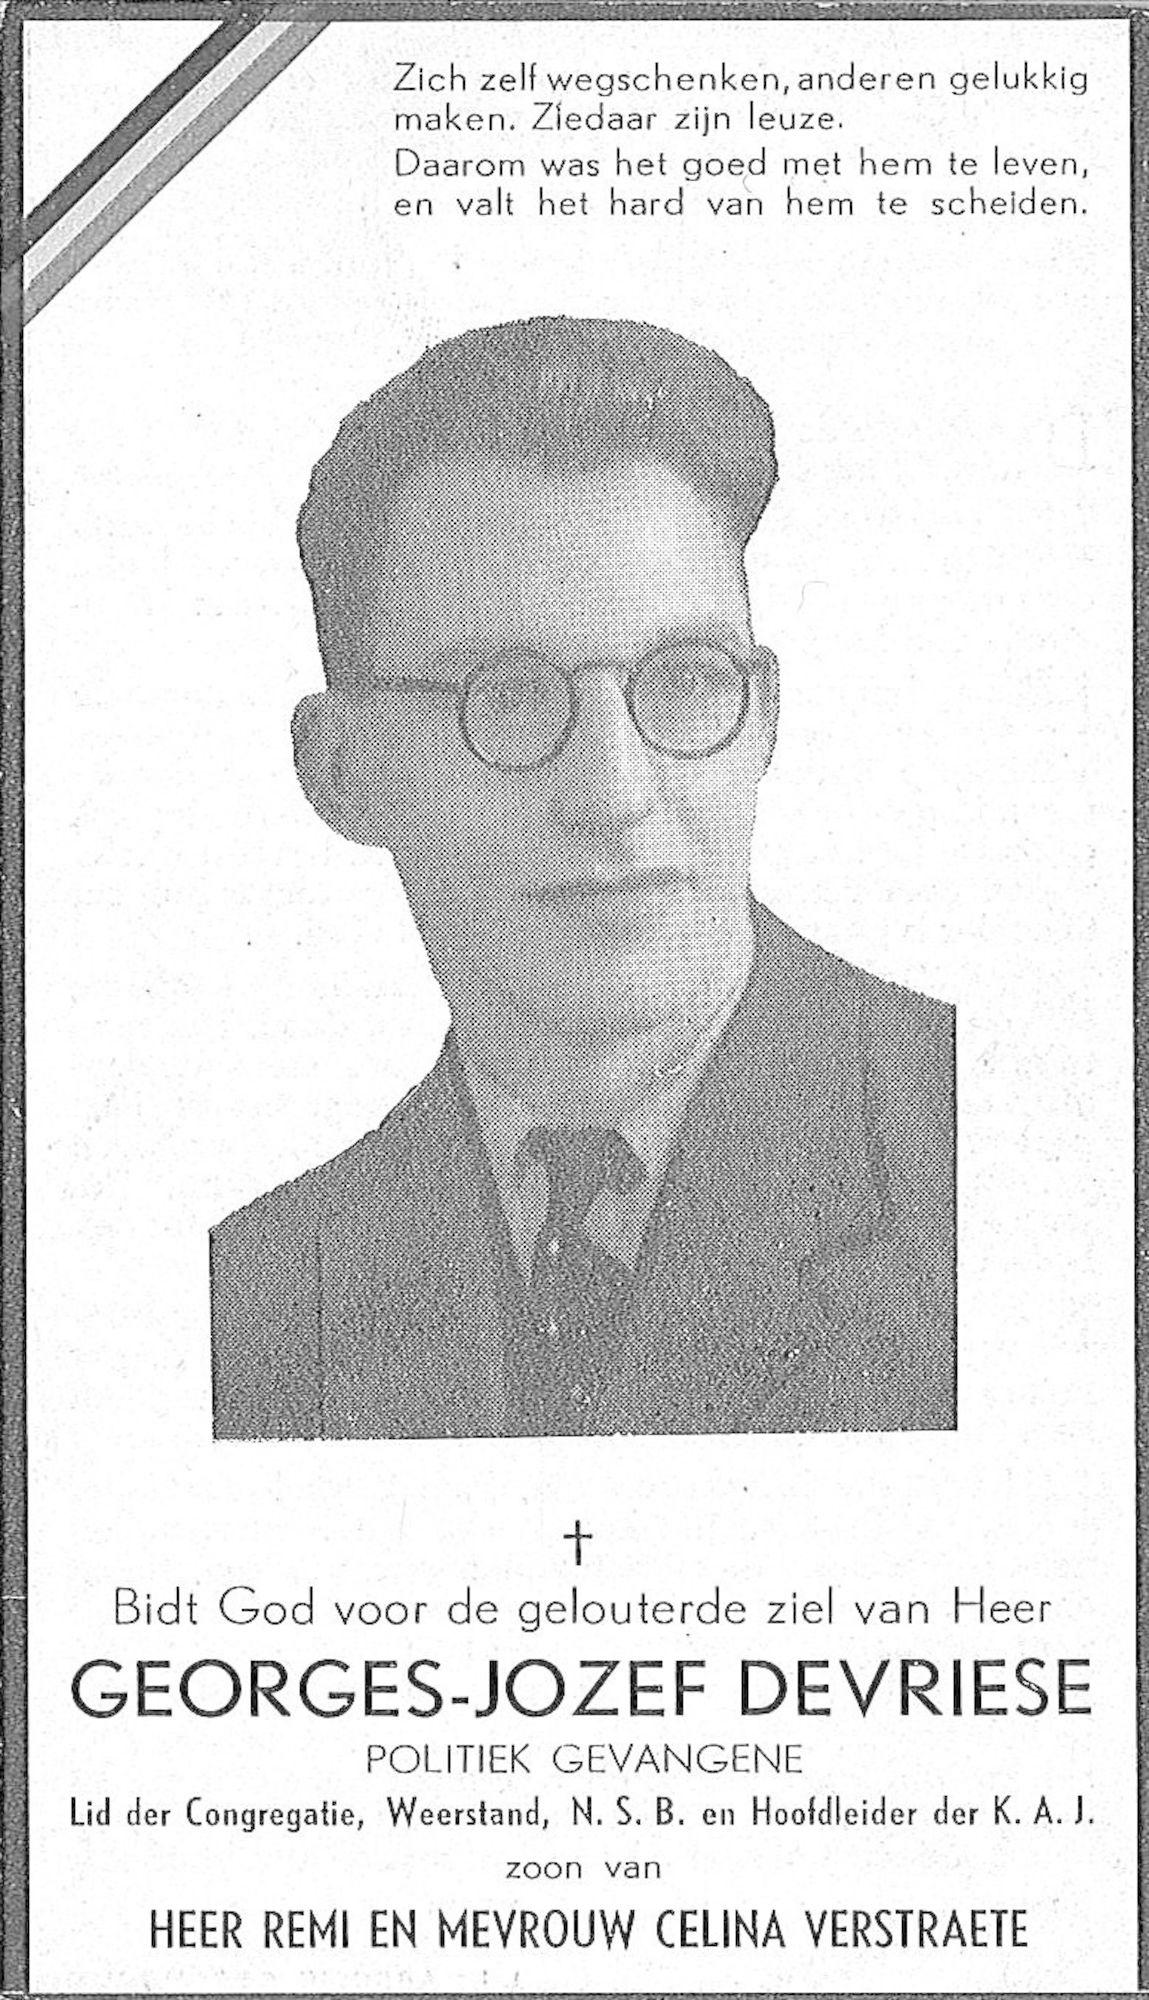 Georges-Jozef Devriese